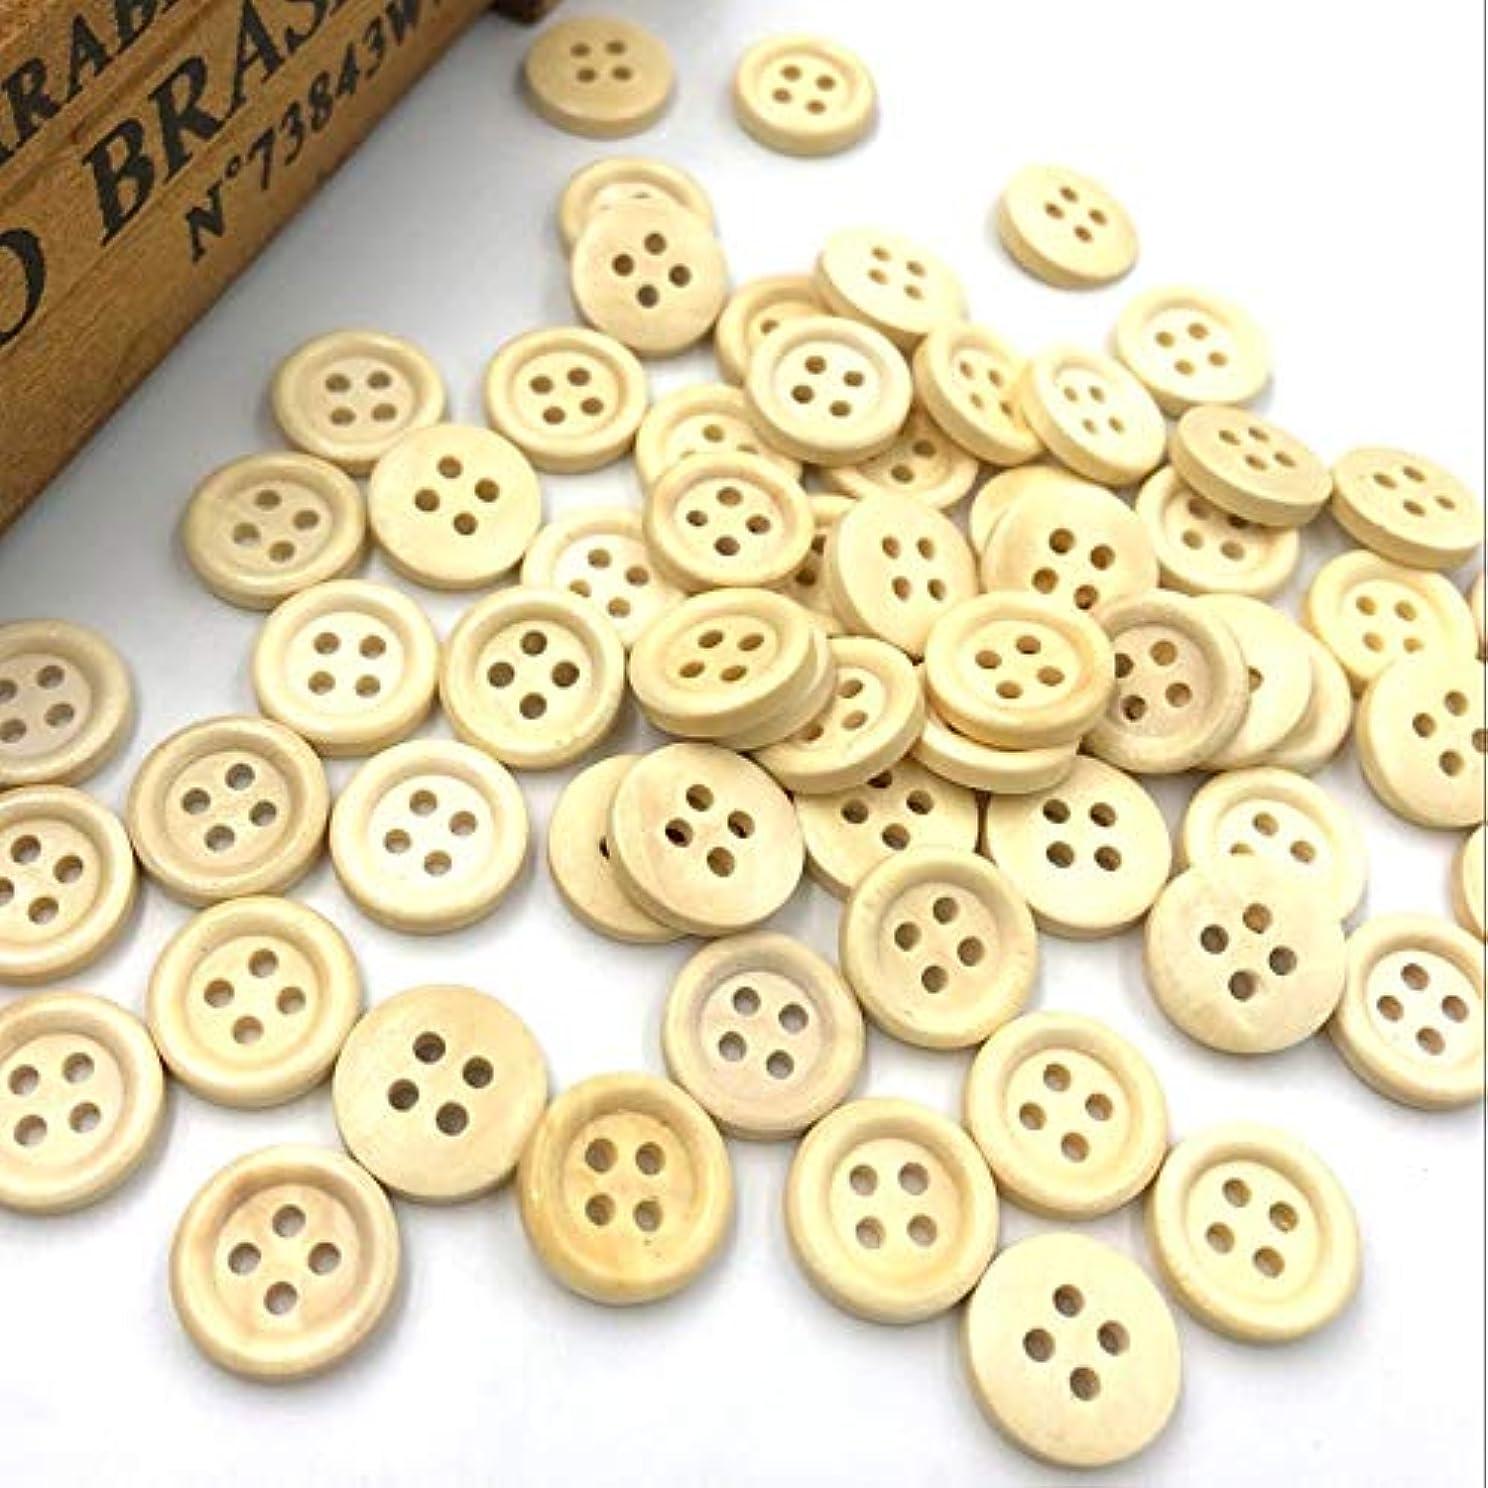 開梱交流する平衡Propenary - 4つの穴子供の縫製ウッドボタン15ミリメートル縫製クラフトミックスロット